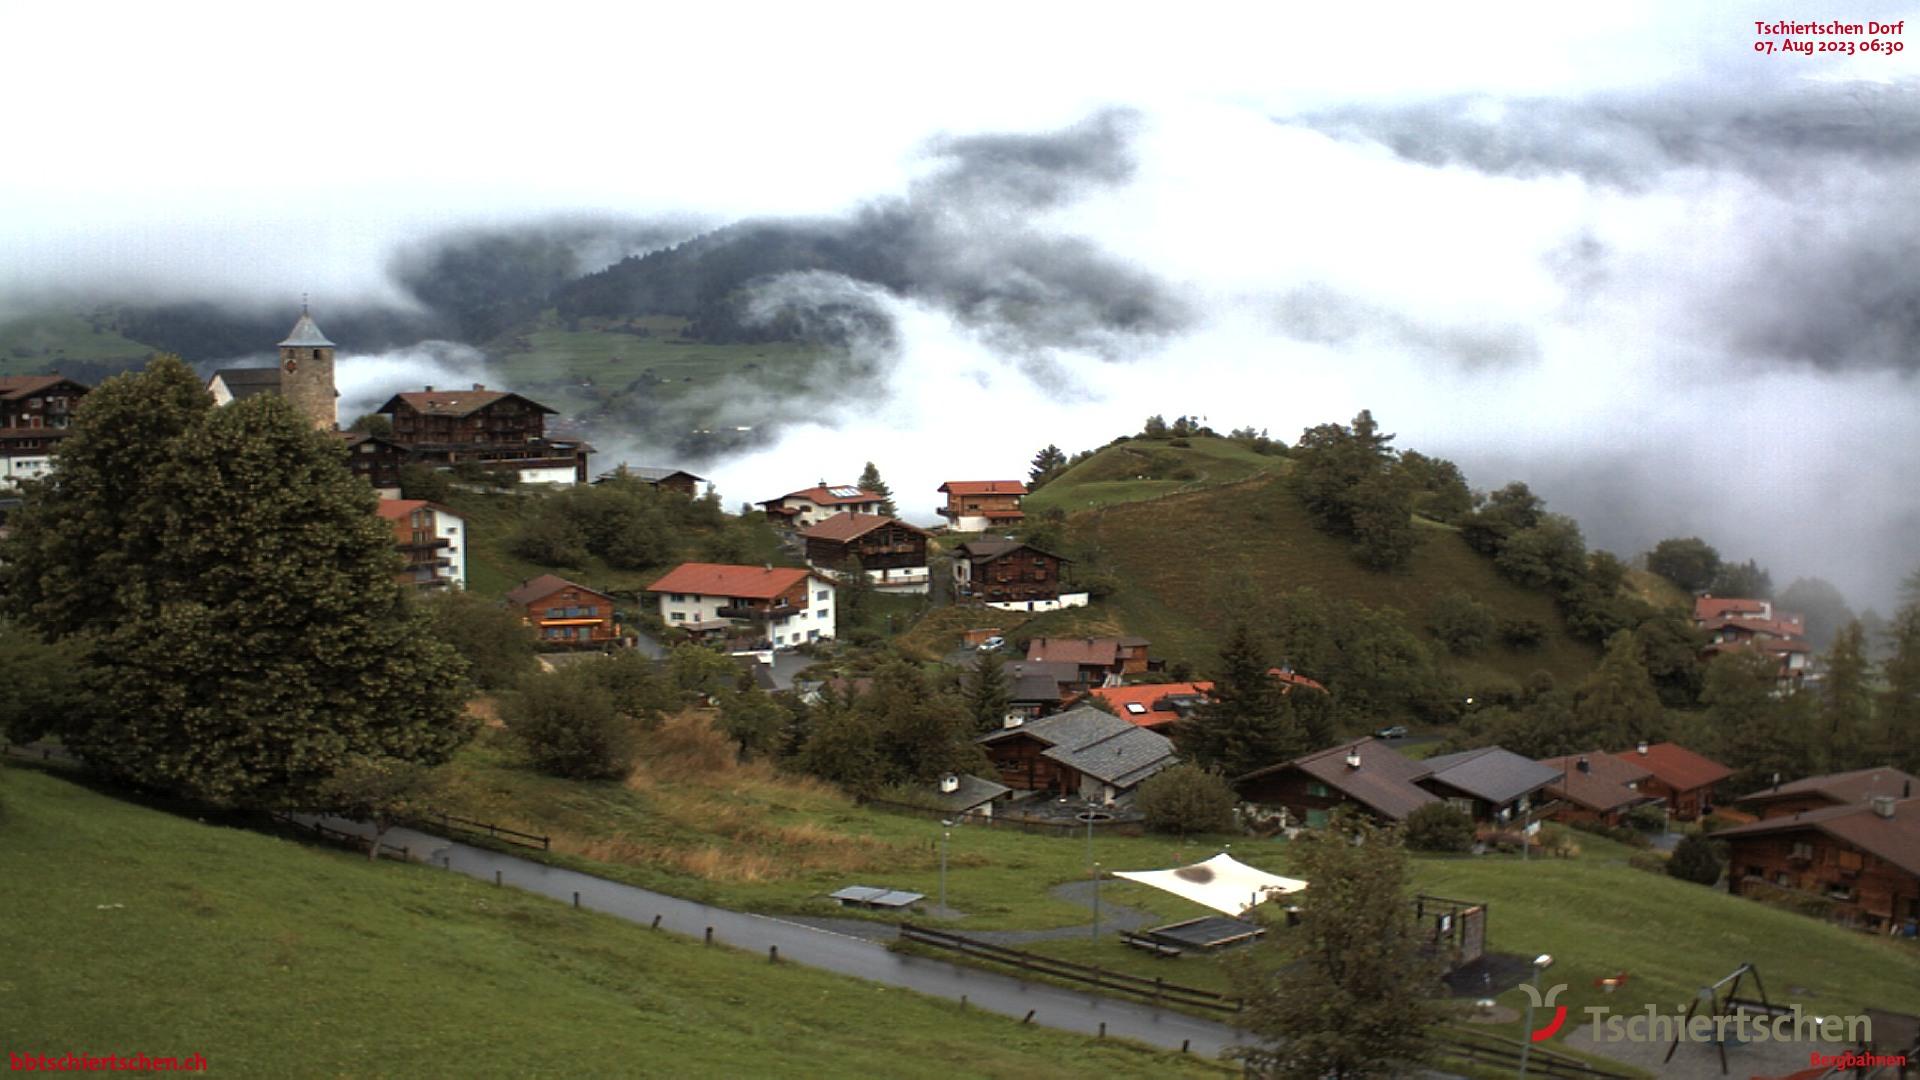 Tschiertschen Dorf zum Alpina